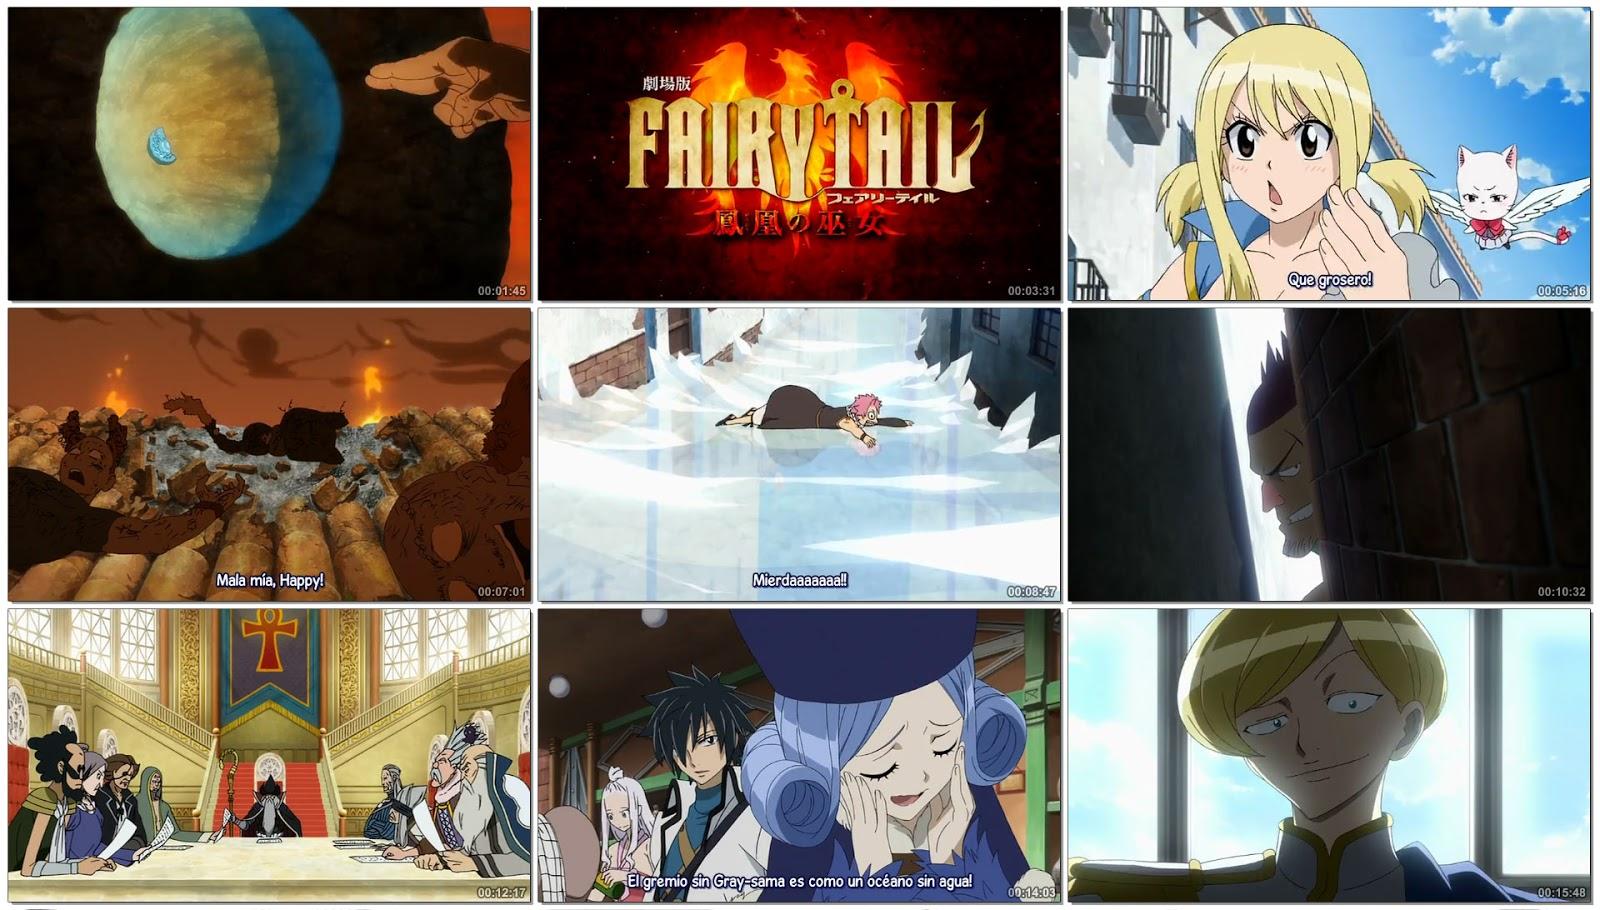 Fairy Tail Houou No Miko Sub Espanol